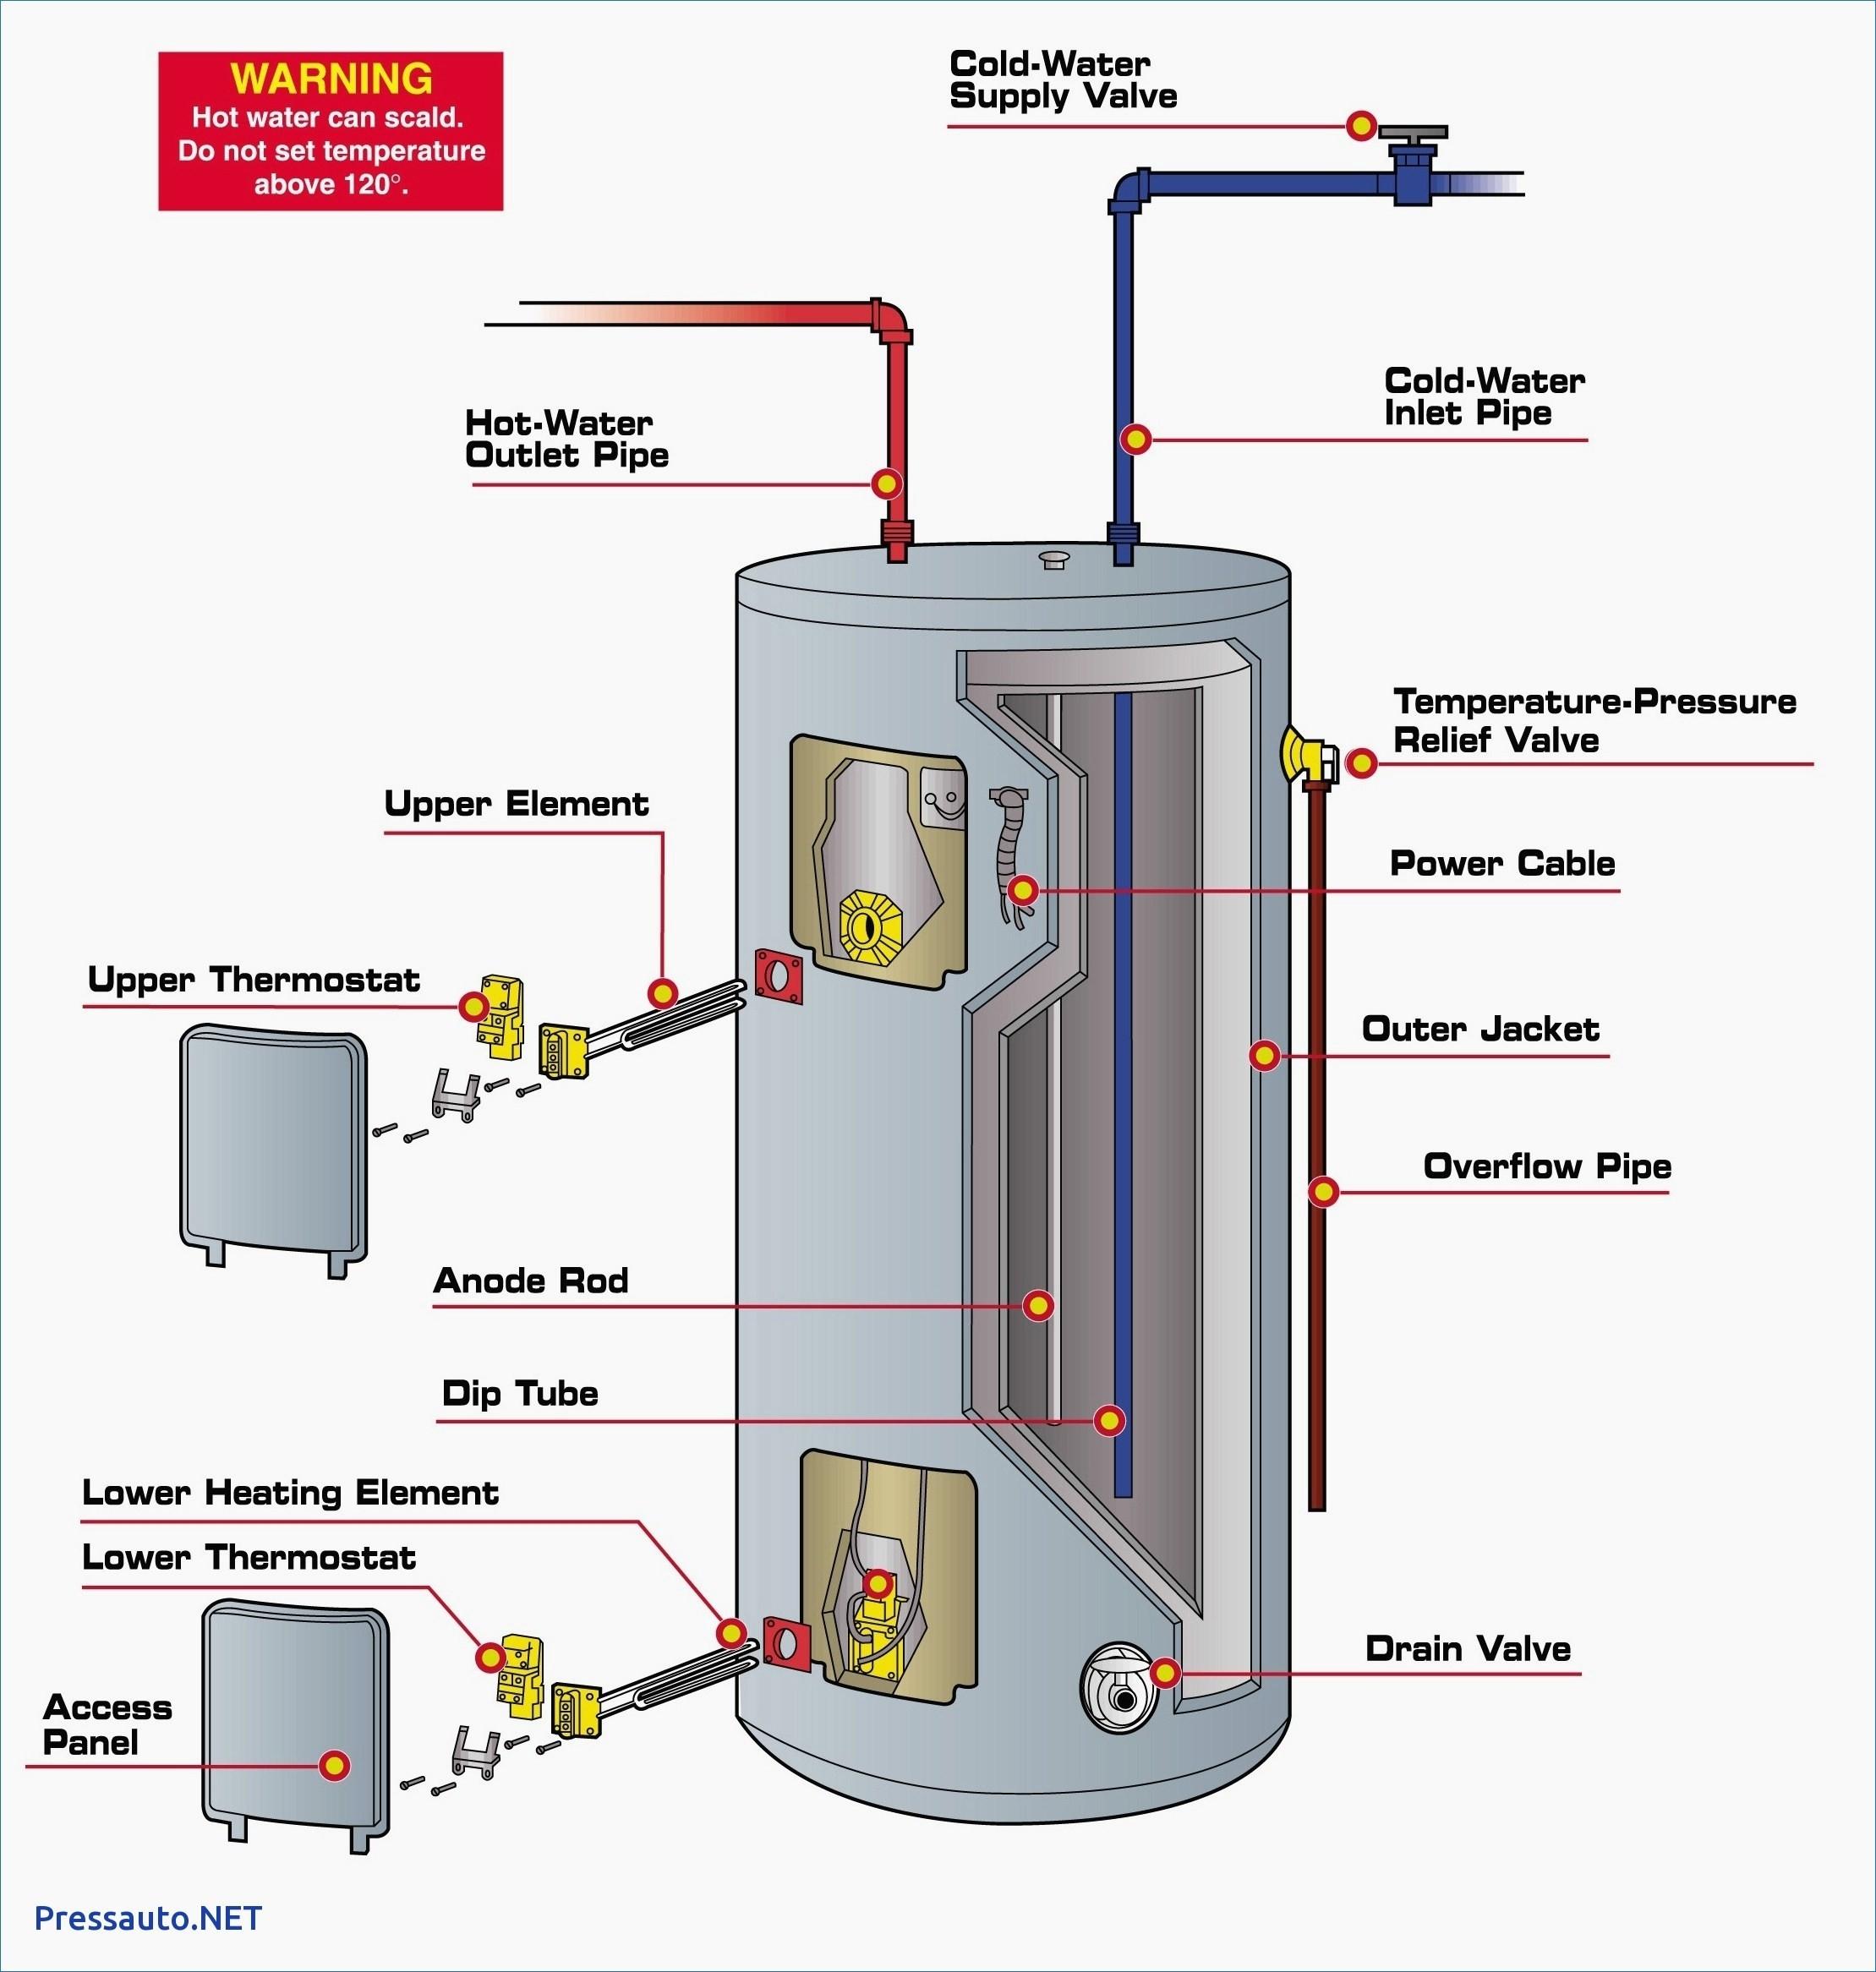 Schéma de câblage du chauffe-eau électrique Schéma de câblage du chauffe-eau frais Nouveau chauffe-eau Schéma de câblage 13-l